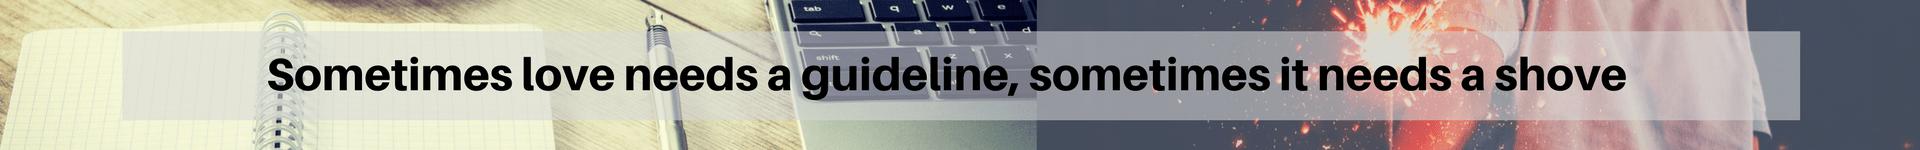 Guideline Shove